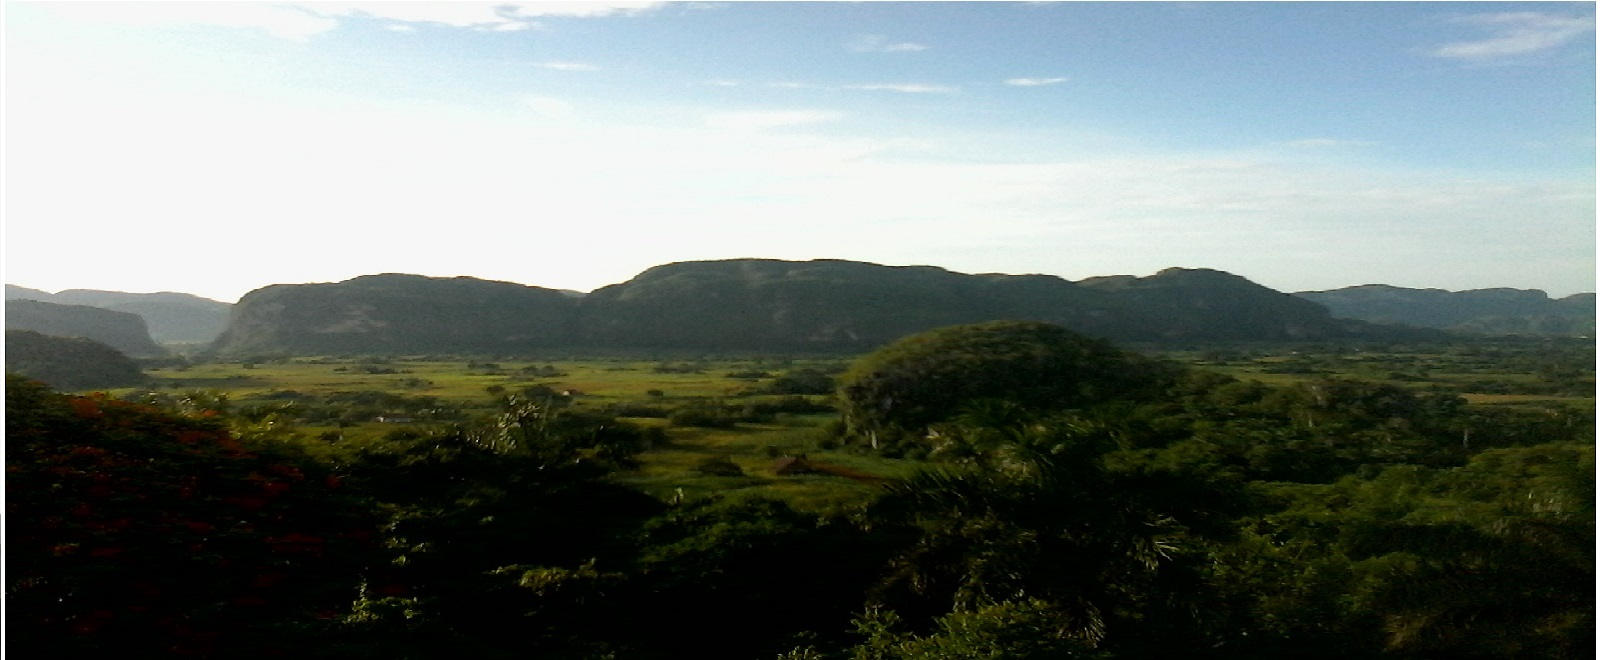 Bellezas y valores del Valle, desde La Casa de Griselda y Reinaldo, Viñales, Pinar del Río, Cuba